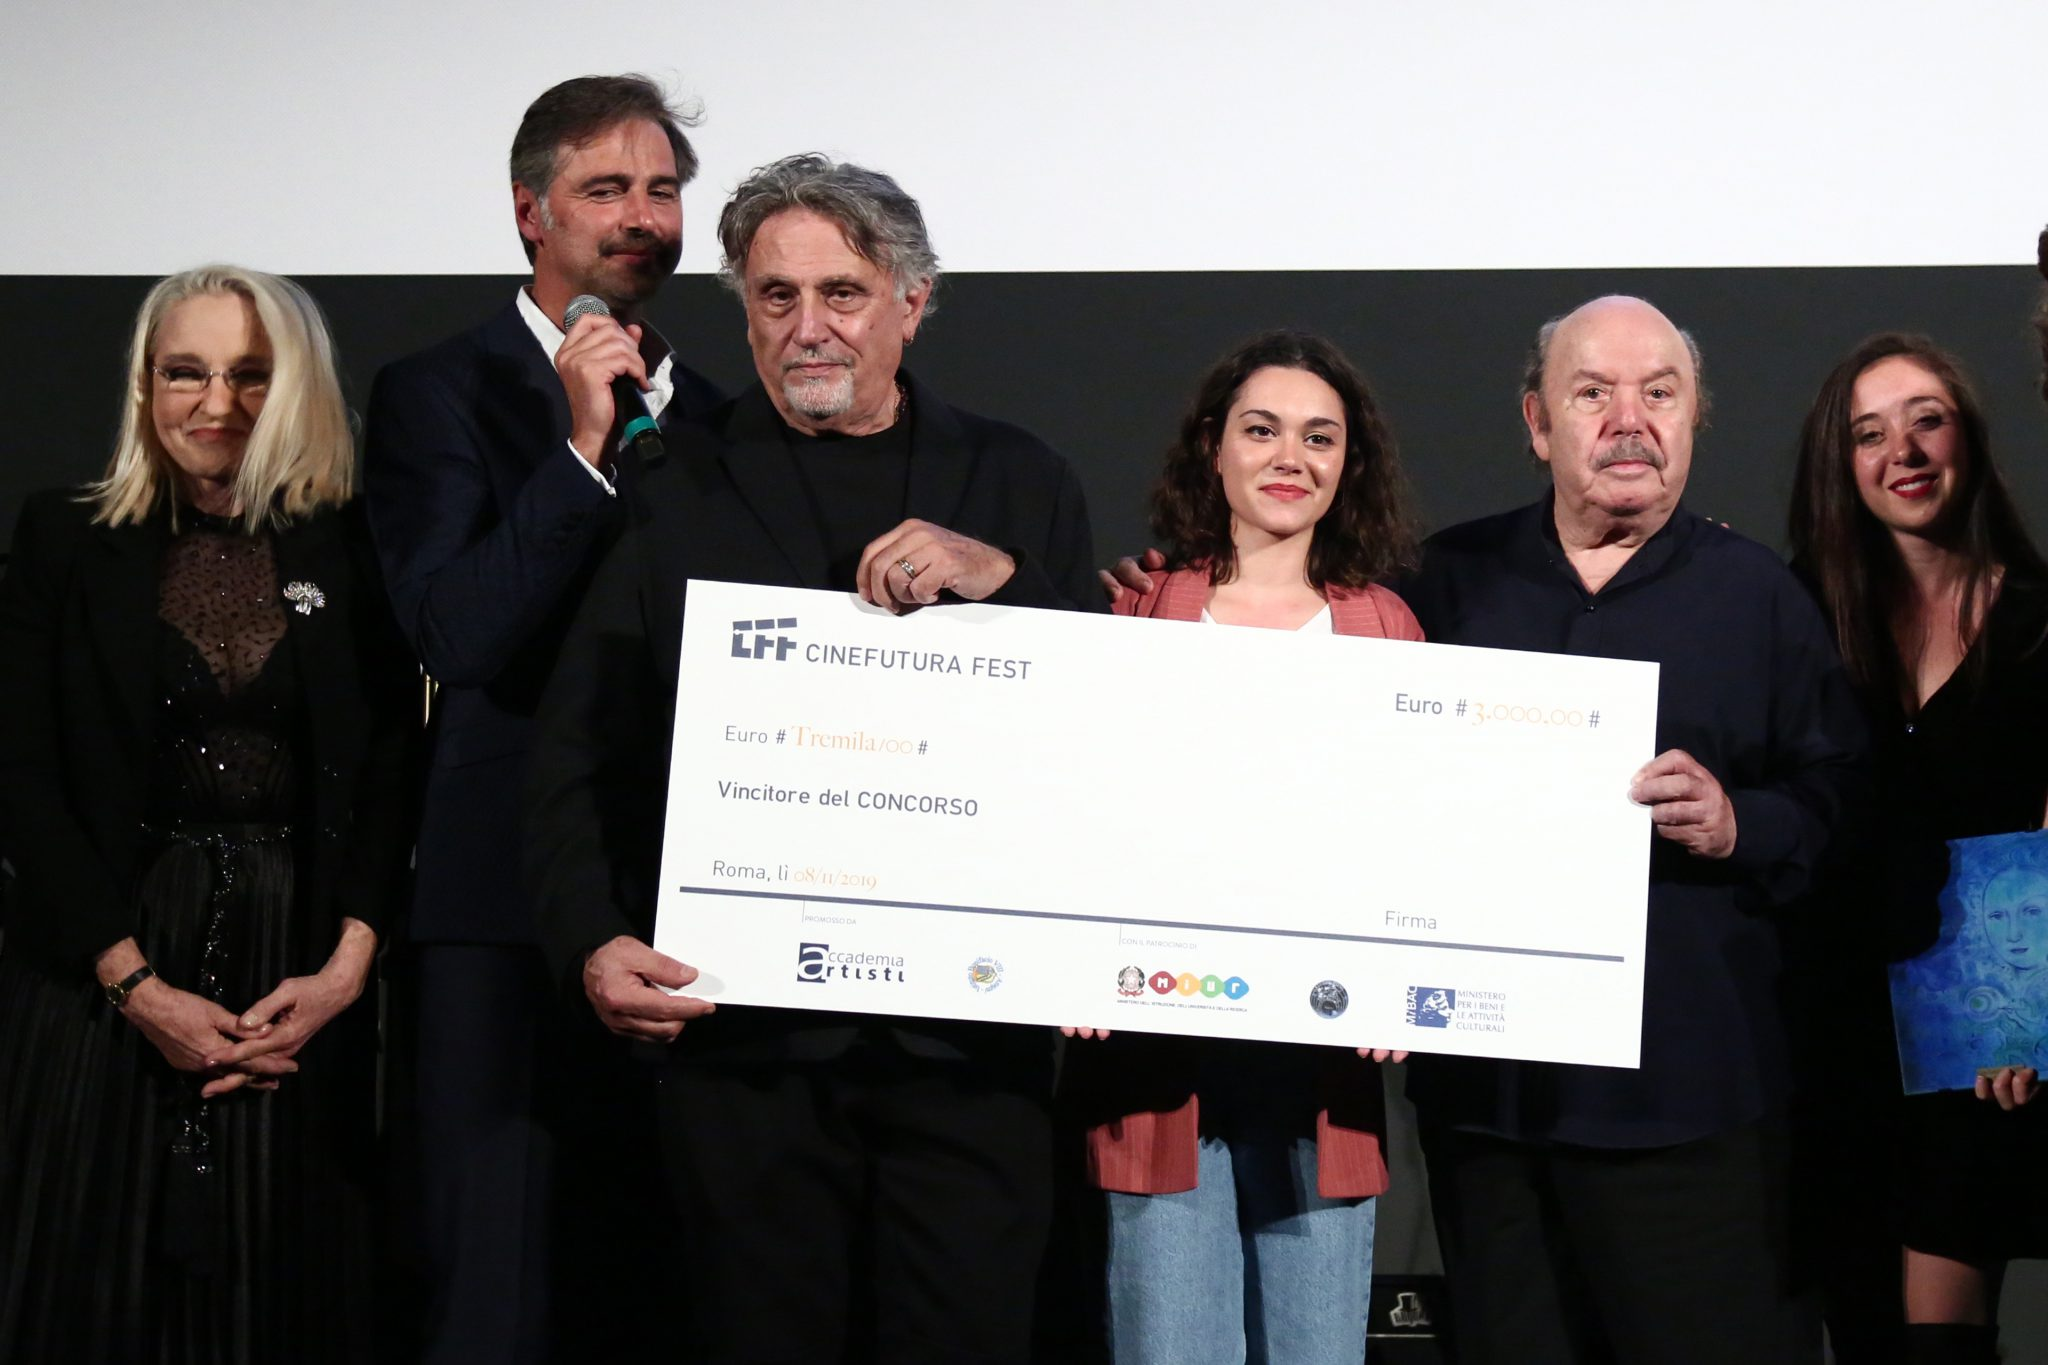 Il futuro del Cinema è al Cinefutura Fest: giovani e grandi star alla prima edizione del Festival